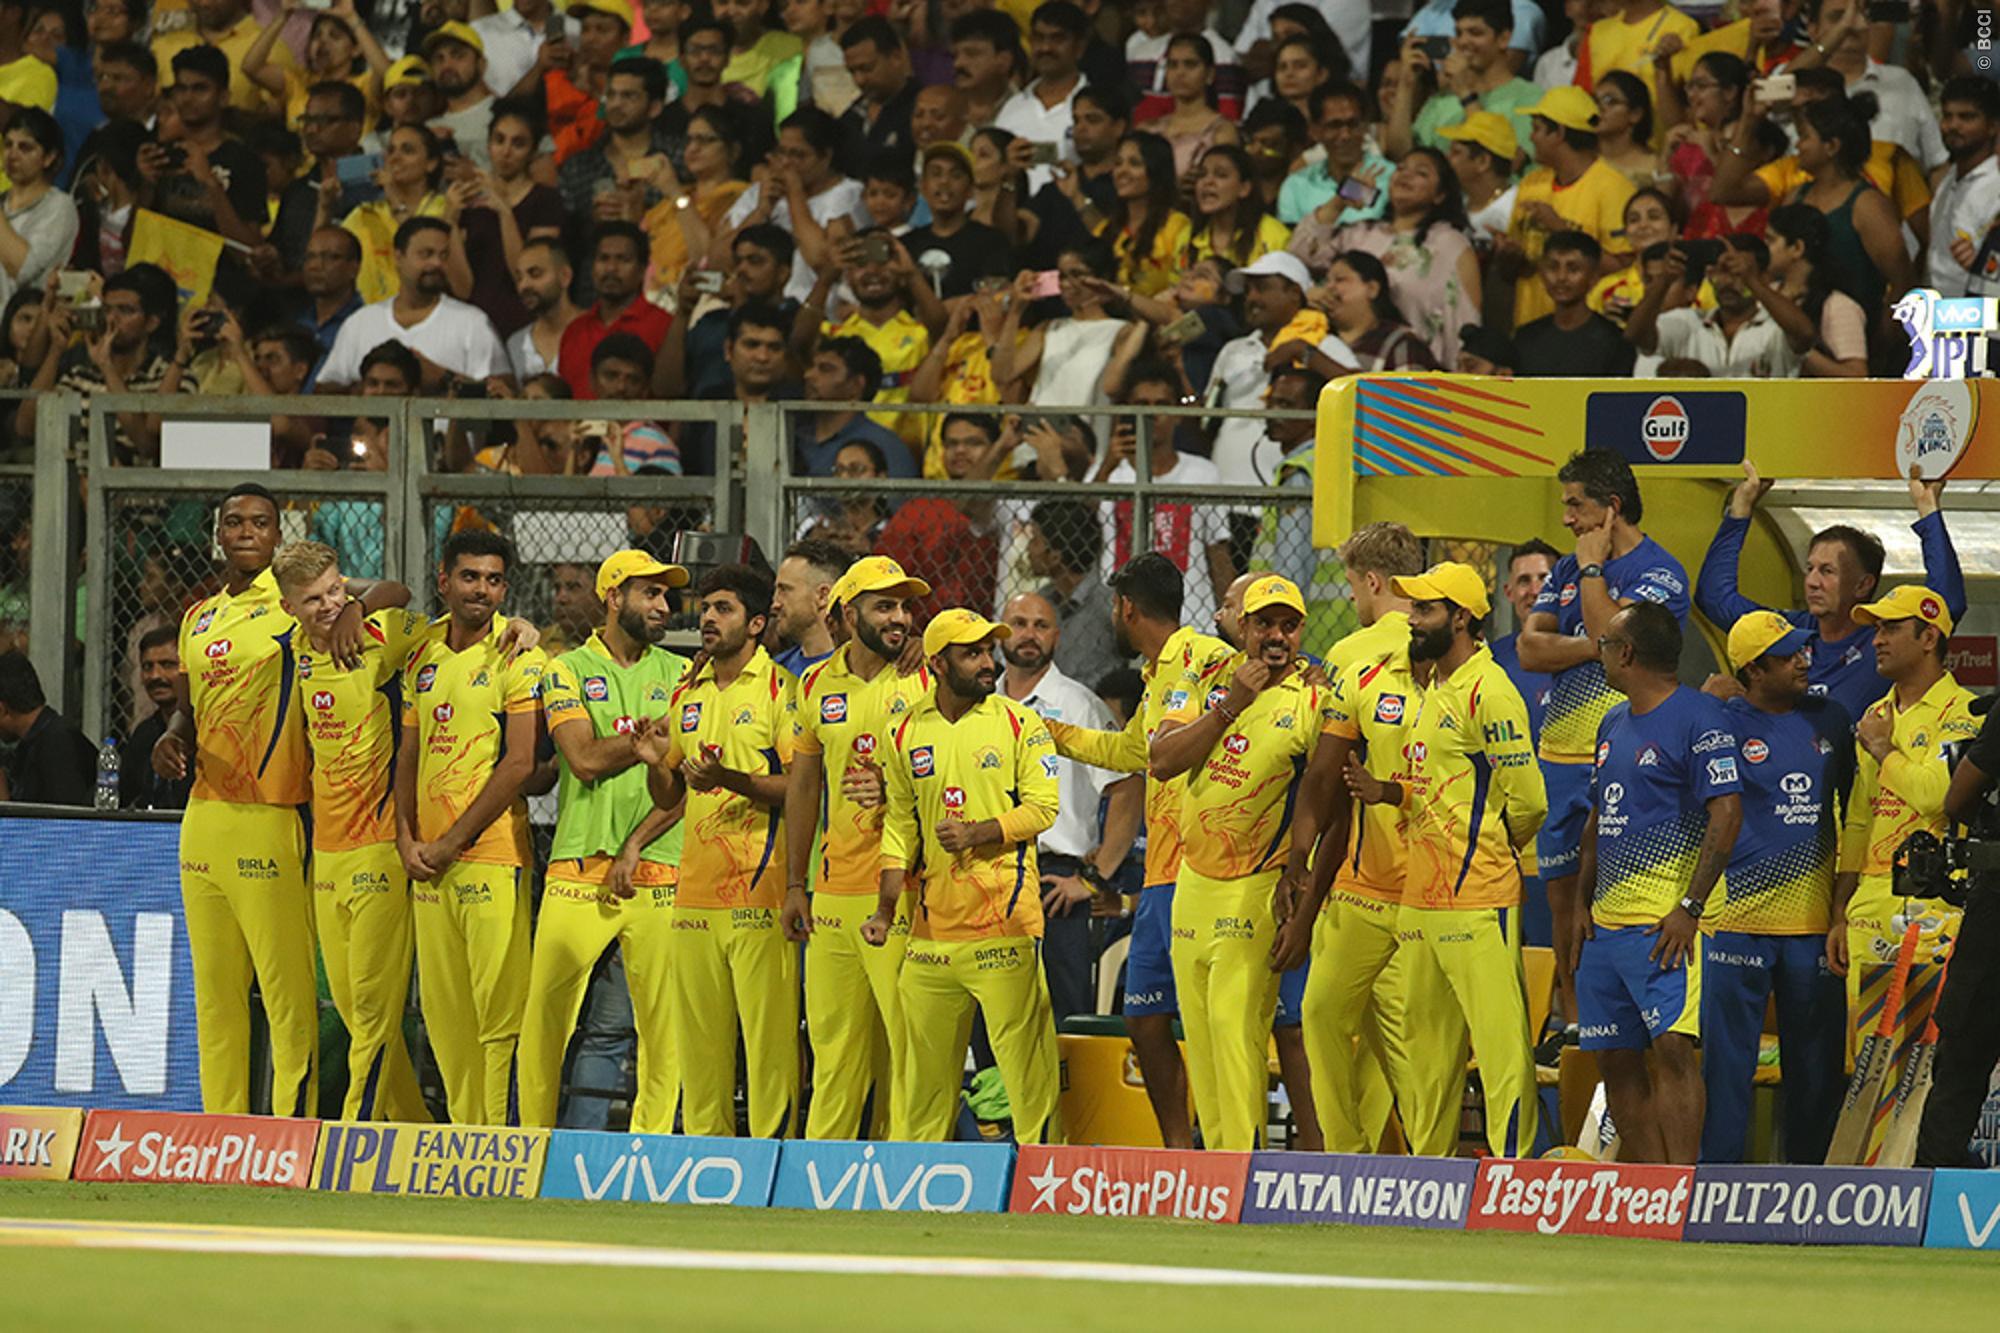 आईपीएल 2018 का अनुभव चैम्पियन चेन्नई के इस खिलाड़ी के लिए रहा सबसे खास 4